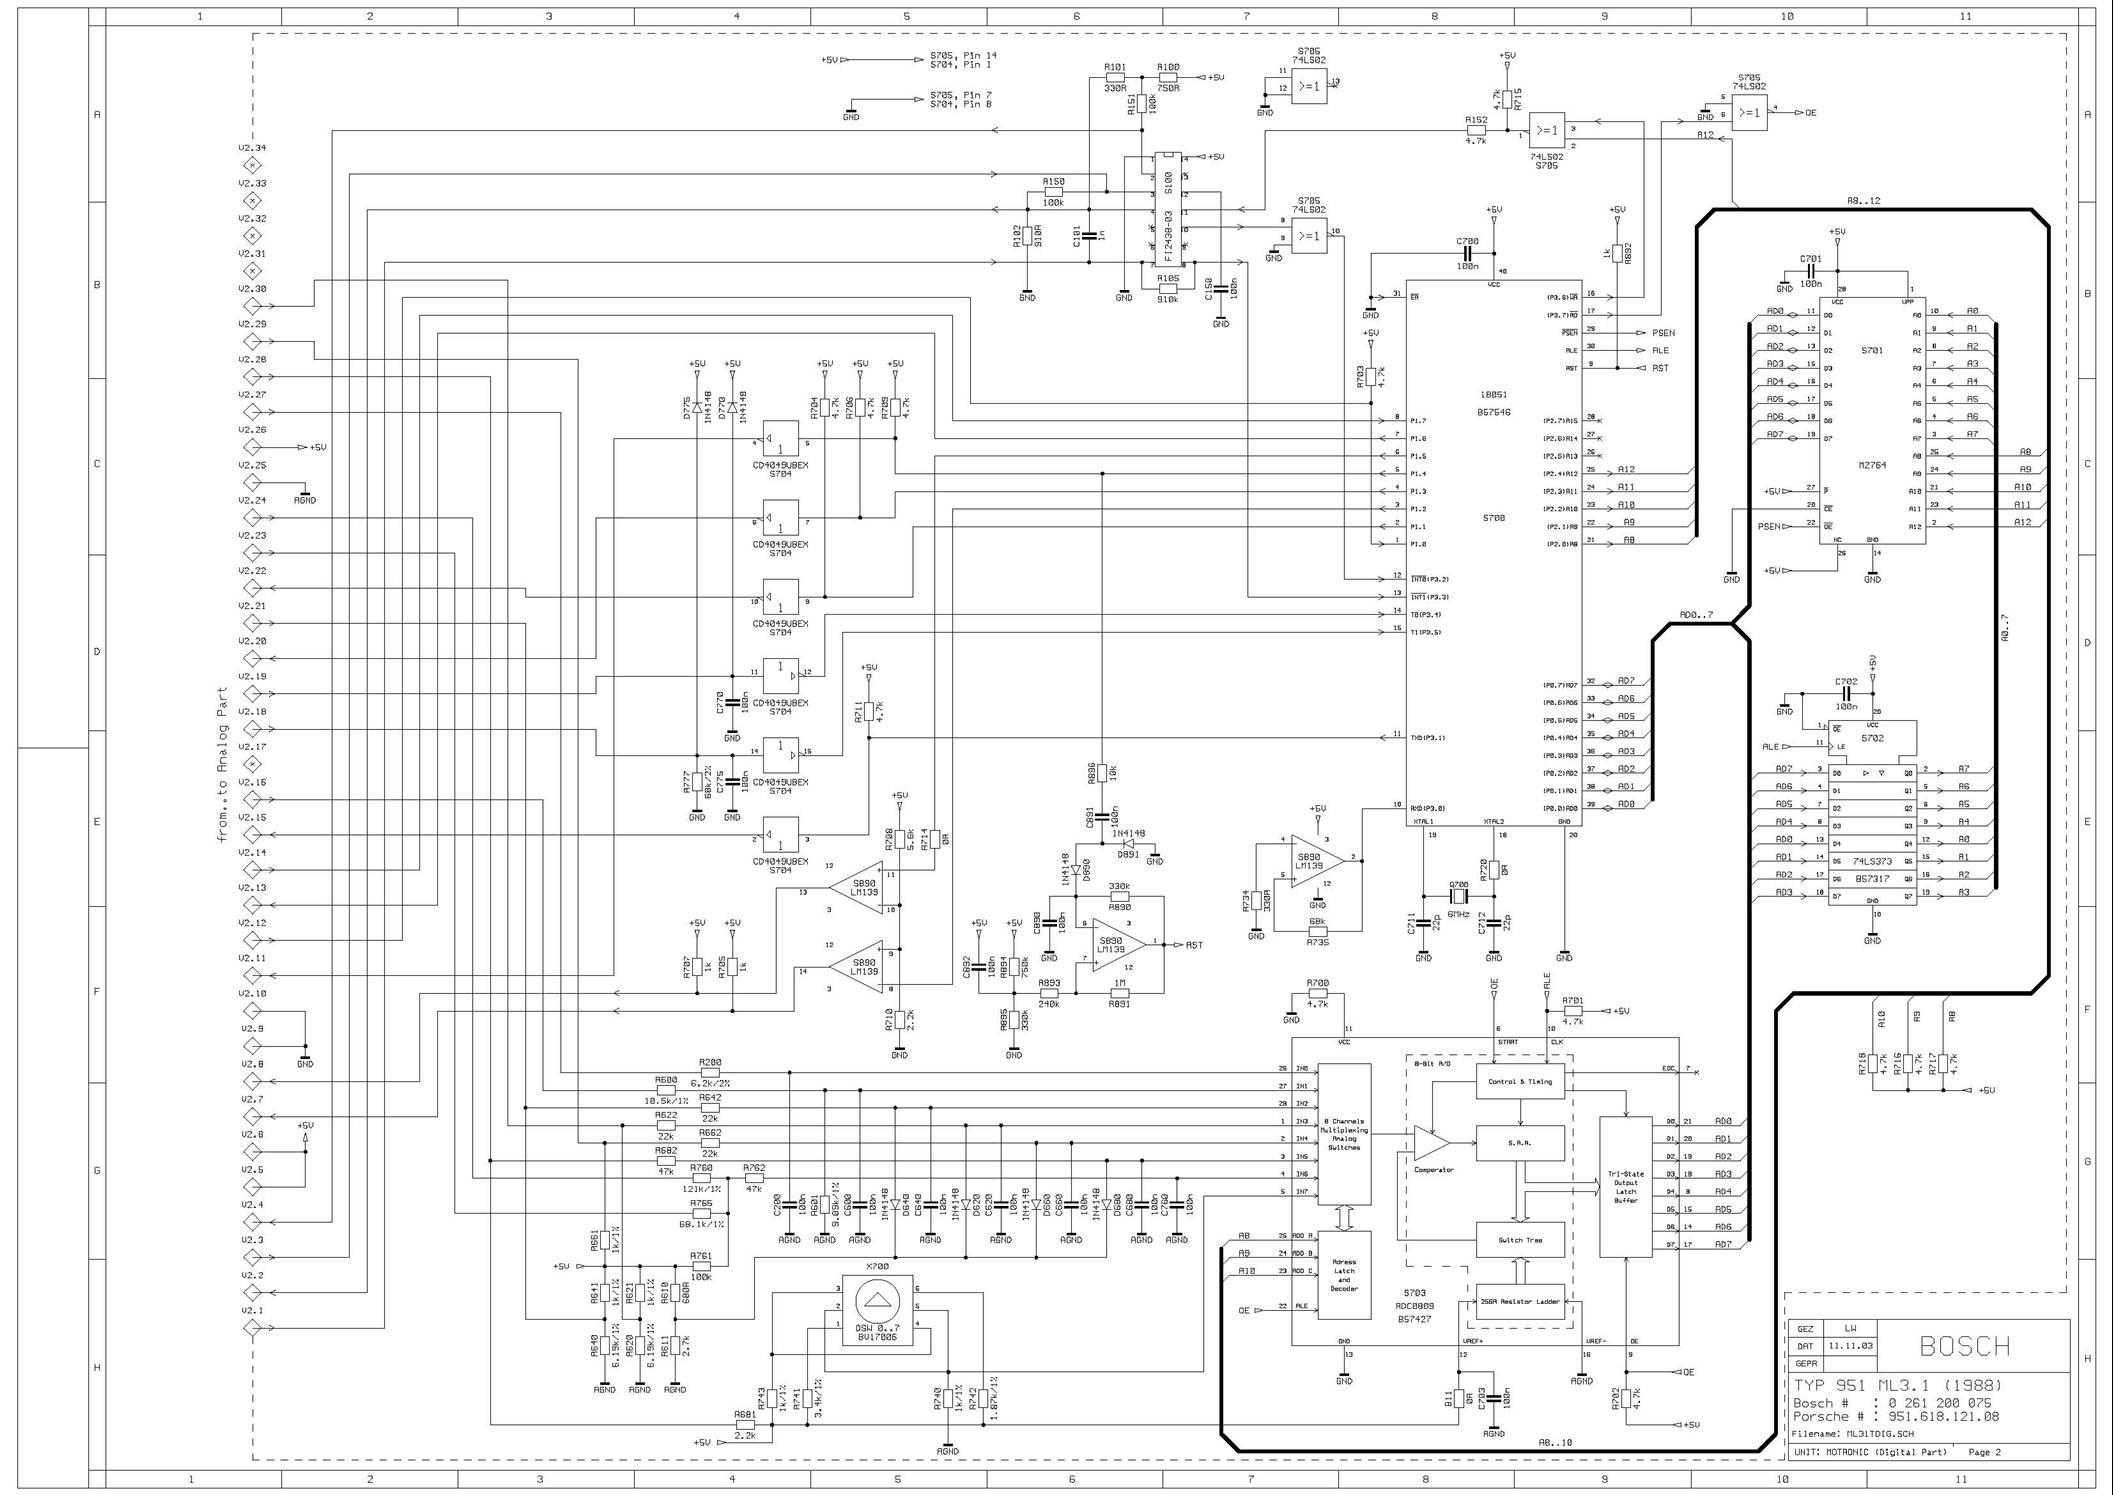 porsche 944 injector wiring